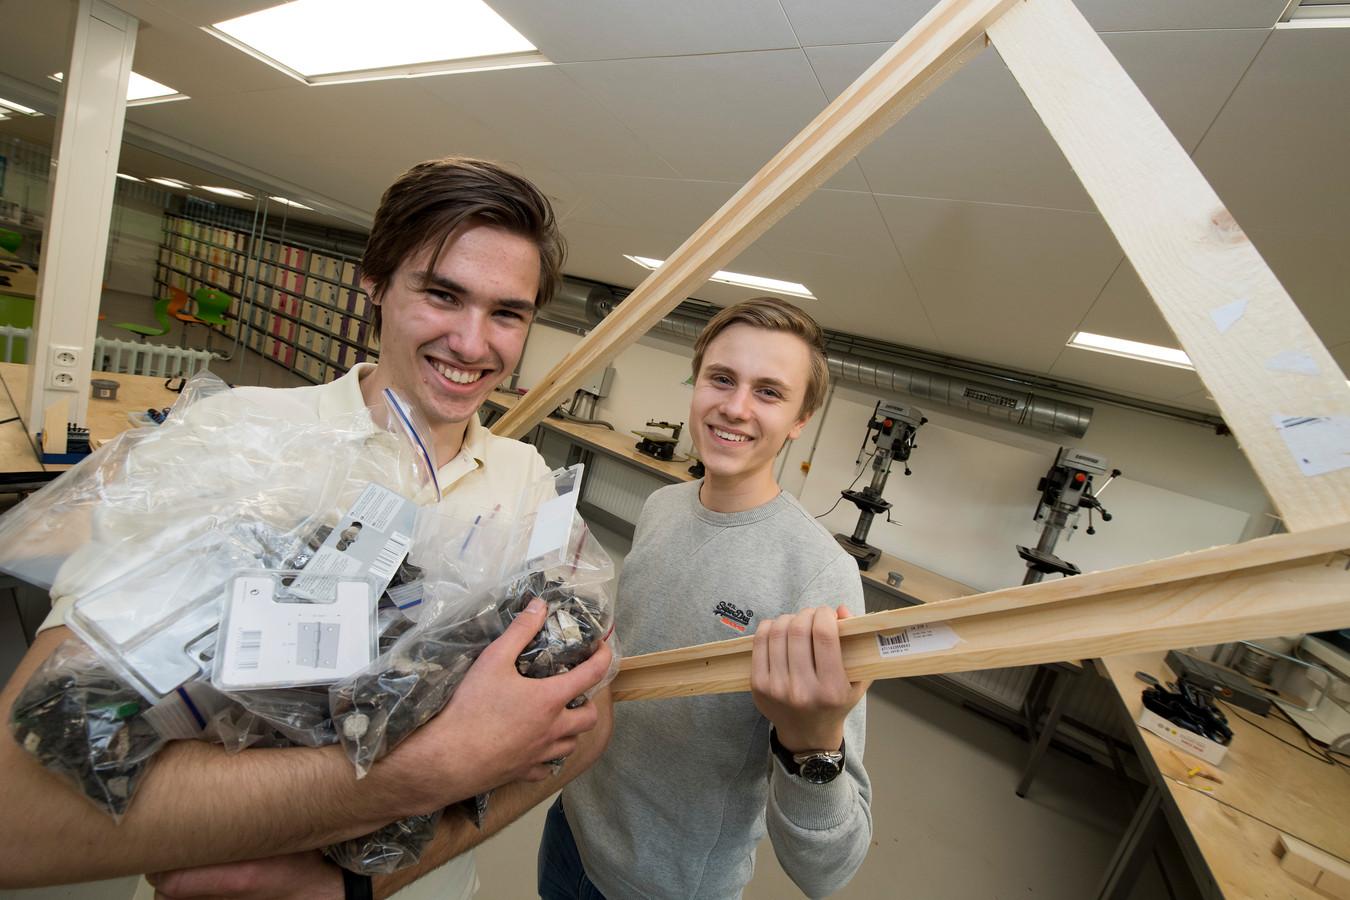 Technasiumleerlingen Thomas Velders en Lucas Timmerman van het RSG Lingecollege hebben een manier gevonden om plastic op te scheppen.